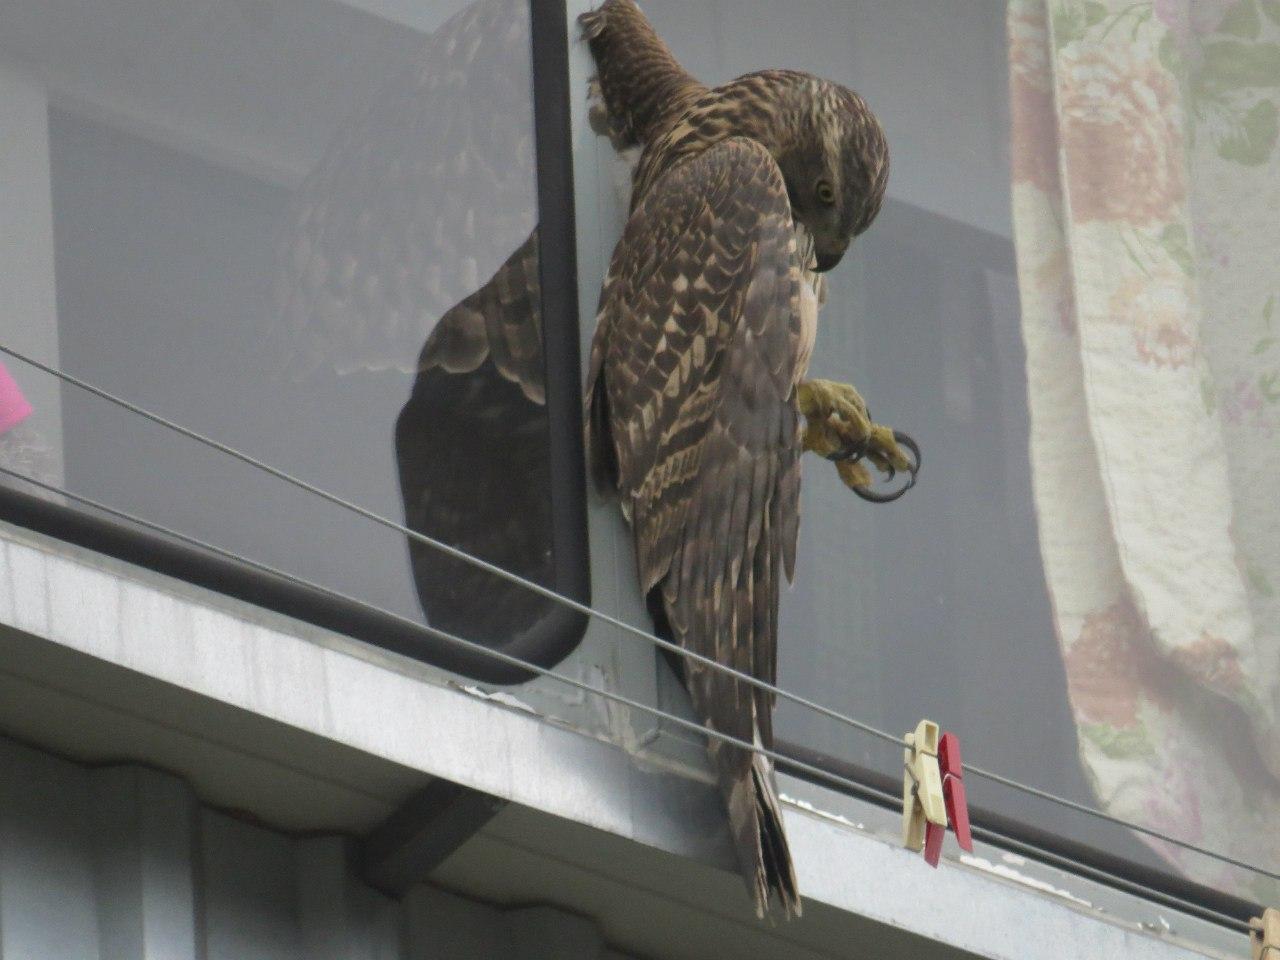 В брянске спасли застрявшего на балконе ястреба.